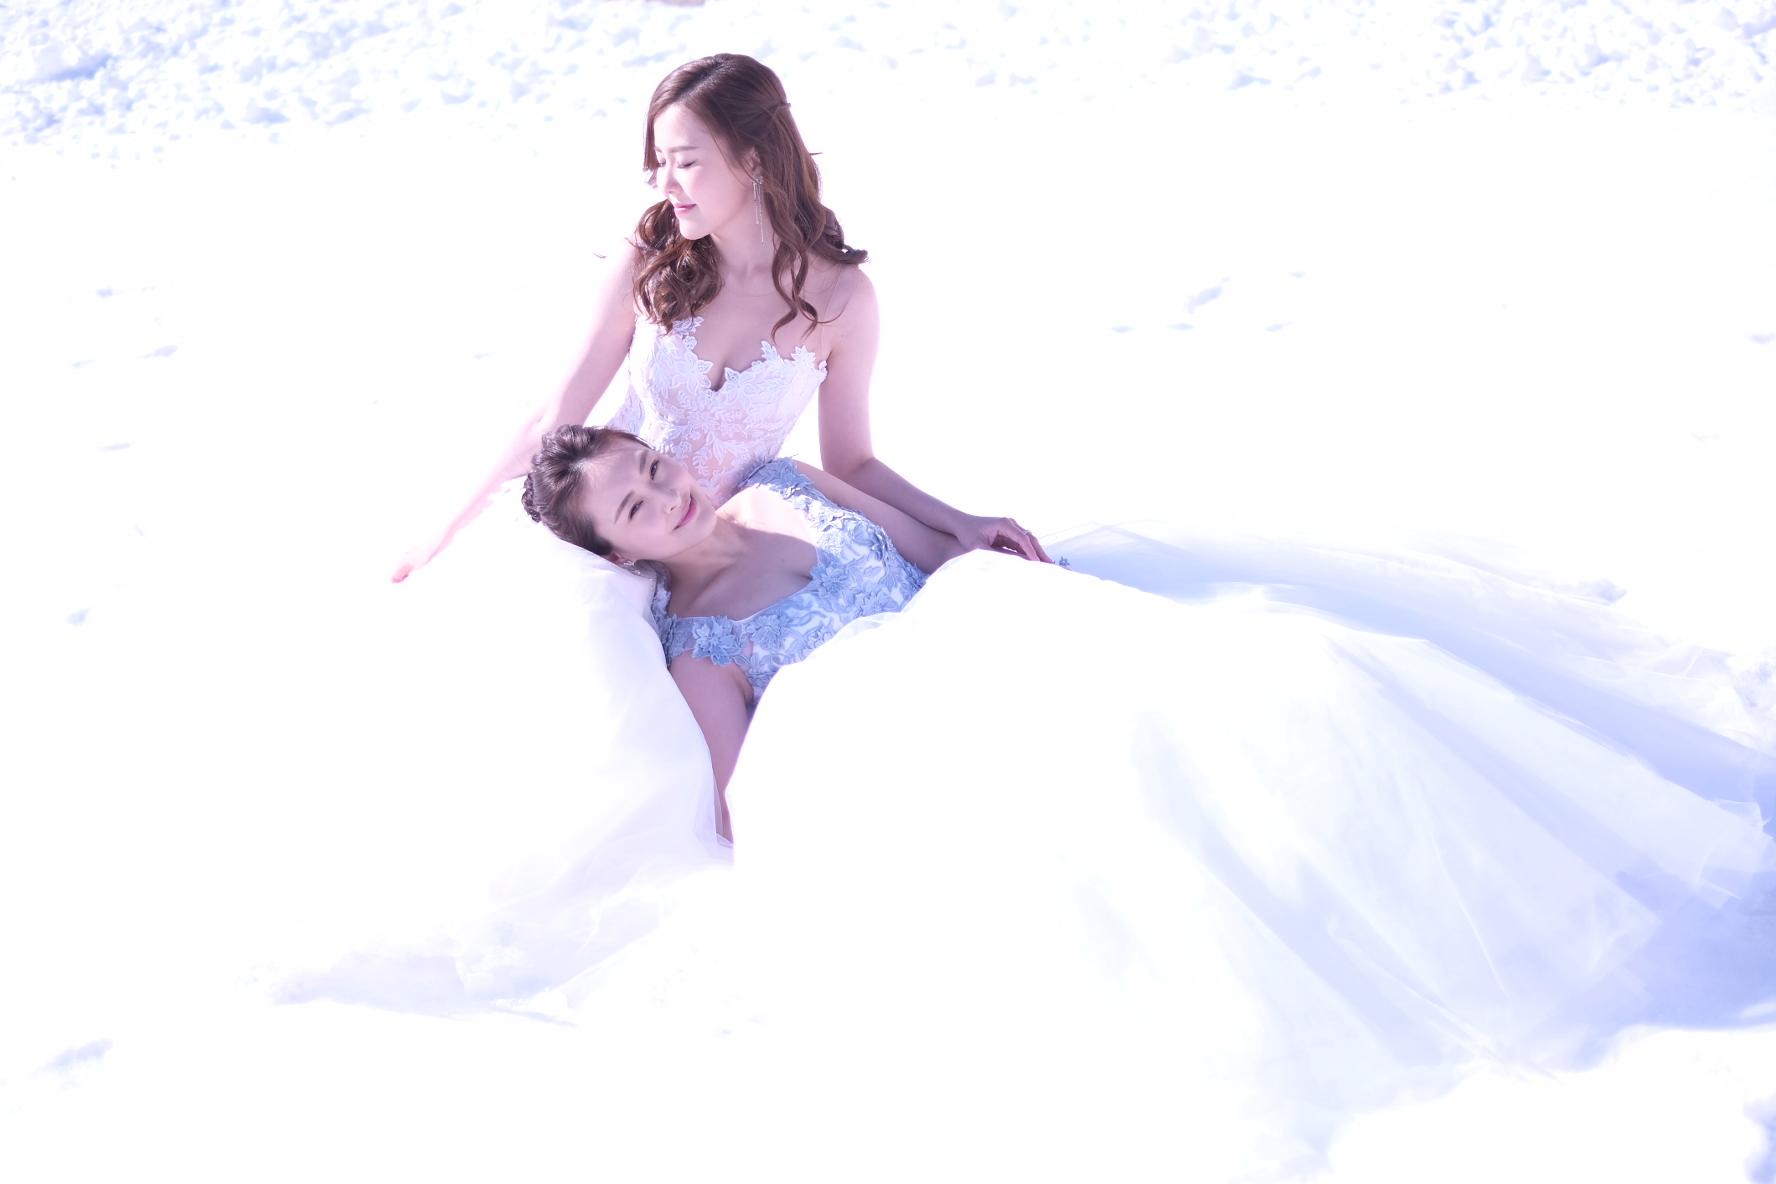 陳瀅好冧咁瞓在Moon的大腿上,畫面非常唯美,令人誤以為她們在拍攝pre wedding。